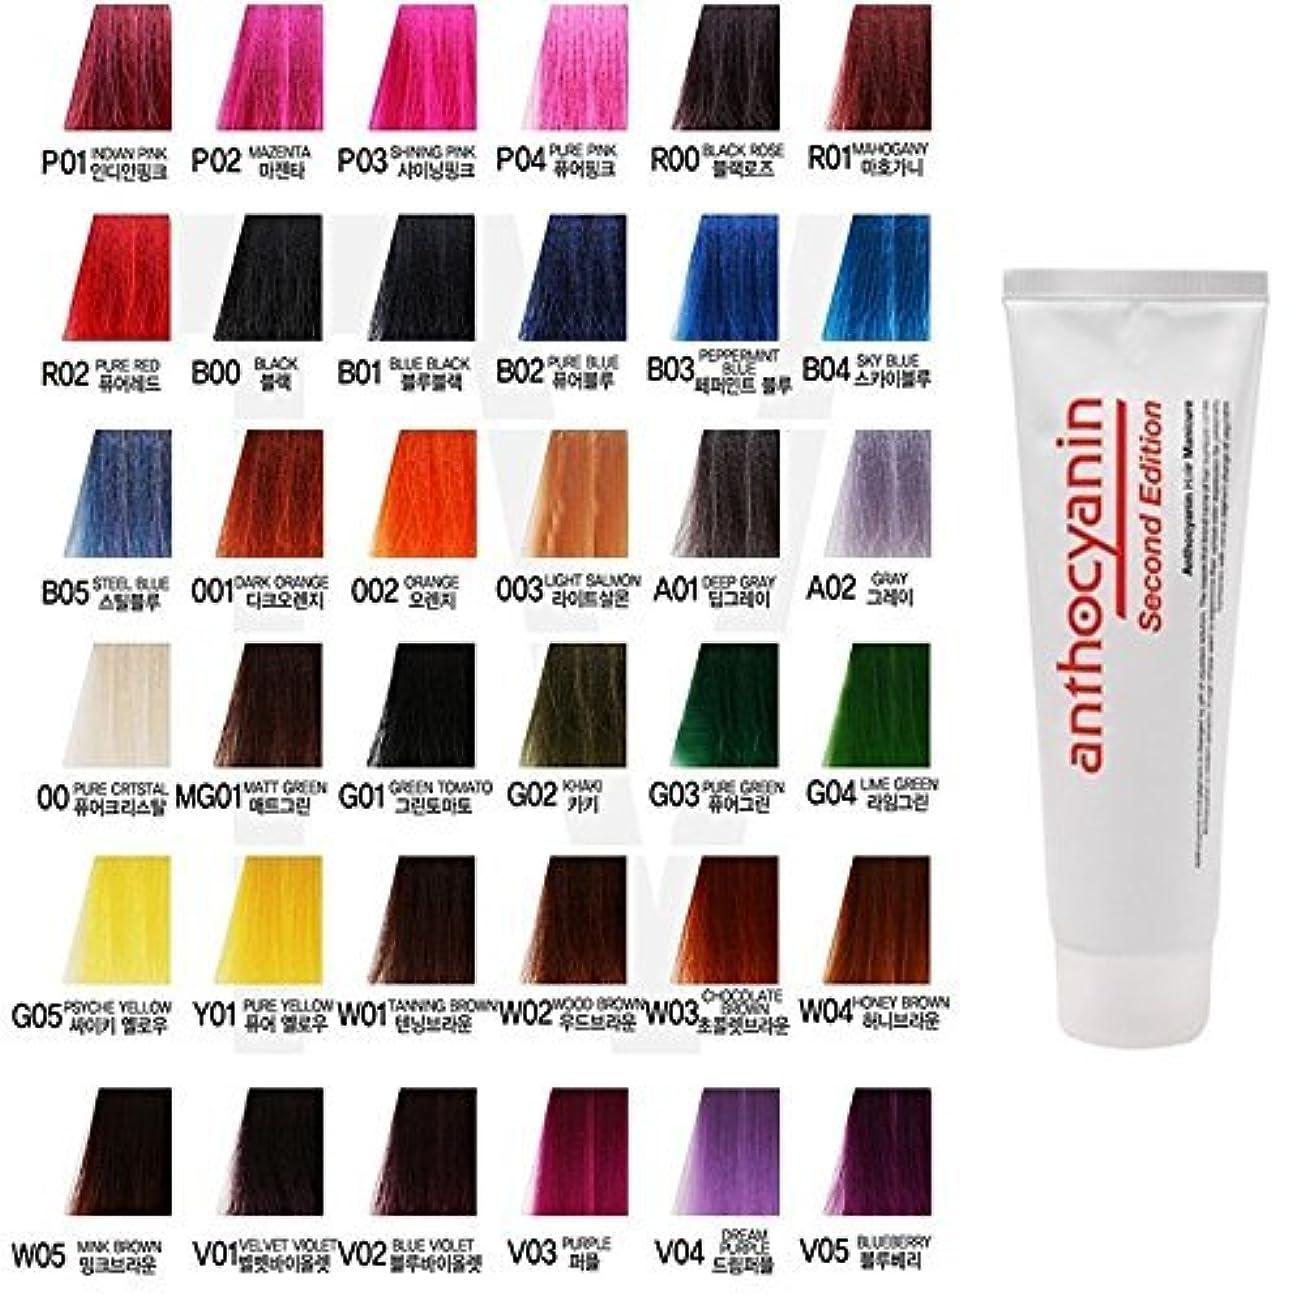 文芸住所プラットフォームヘア マニキュア カラー セカンド エディション 230g セミ パーマネント 染毛剤 ( Hair Manicure Color Second Edition 230g Semi Permanent Hair Dye) [並行輸入品] (O02 Orange)